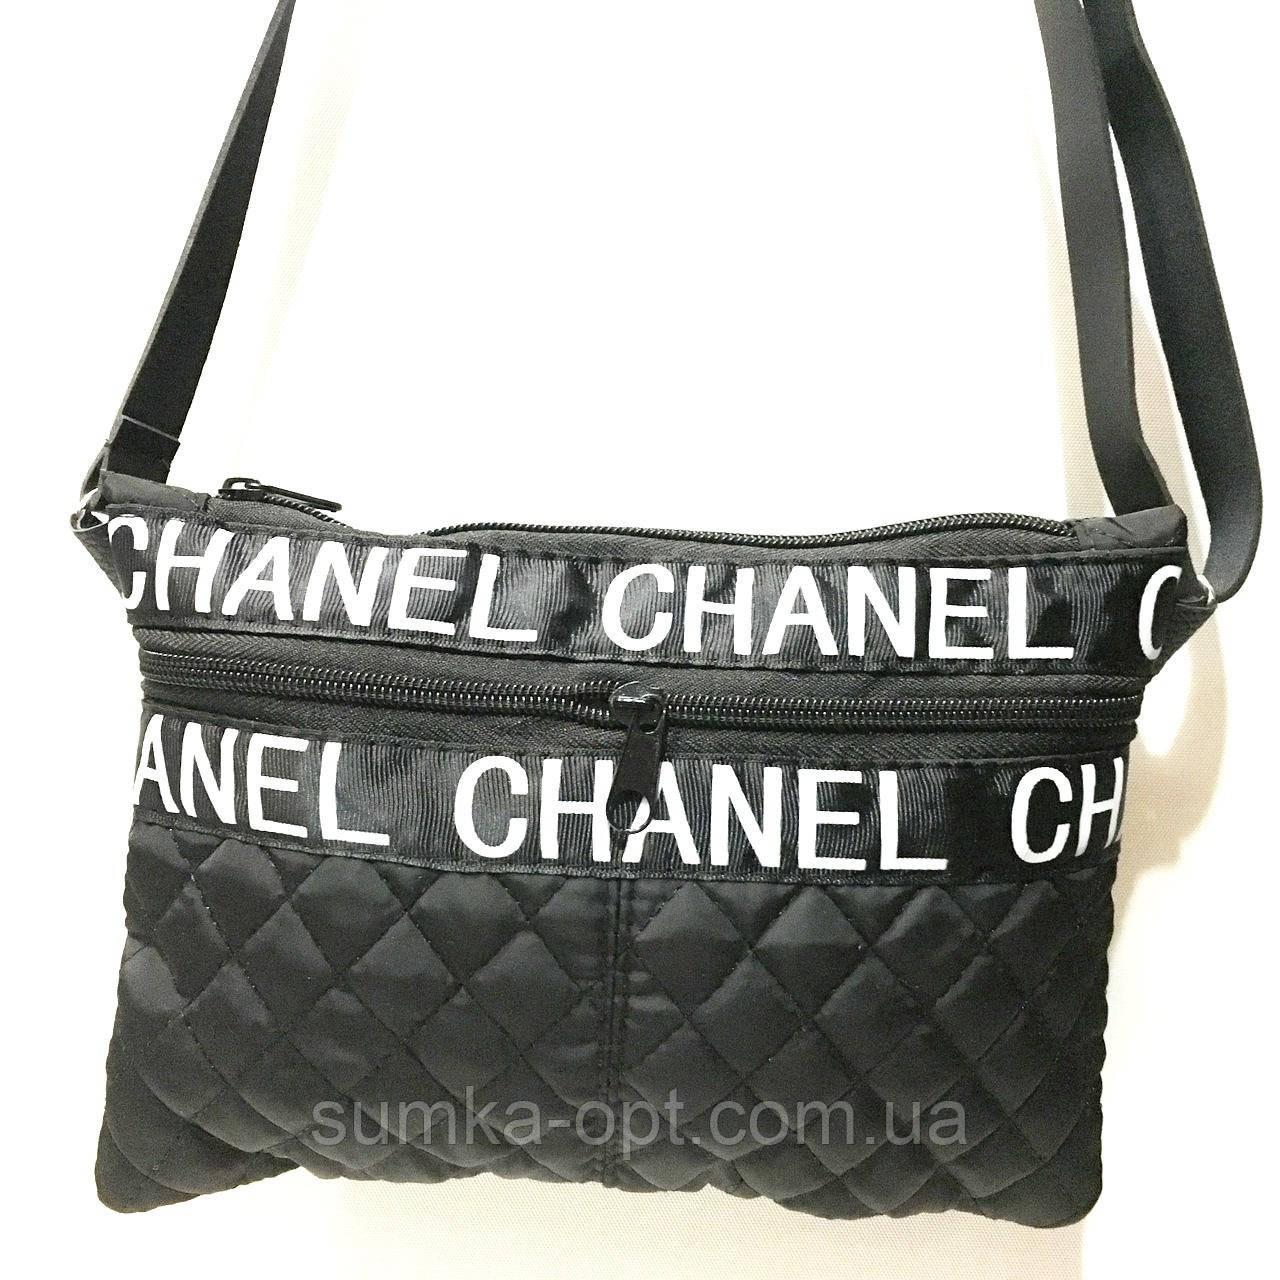 Жіночі стьобані сумки дешево опт до 100грн Chanel (чорний)16*23см